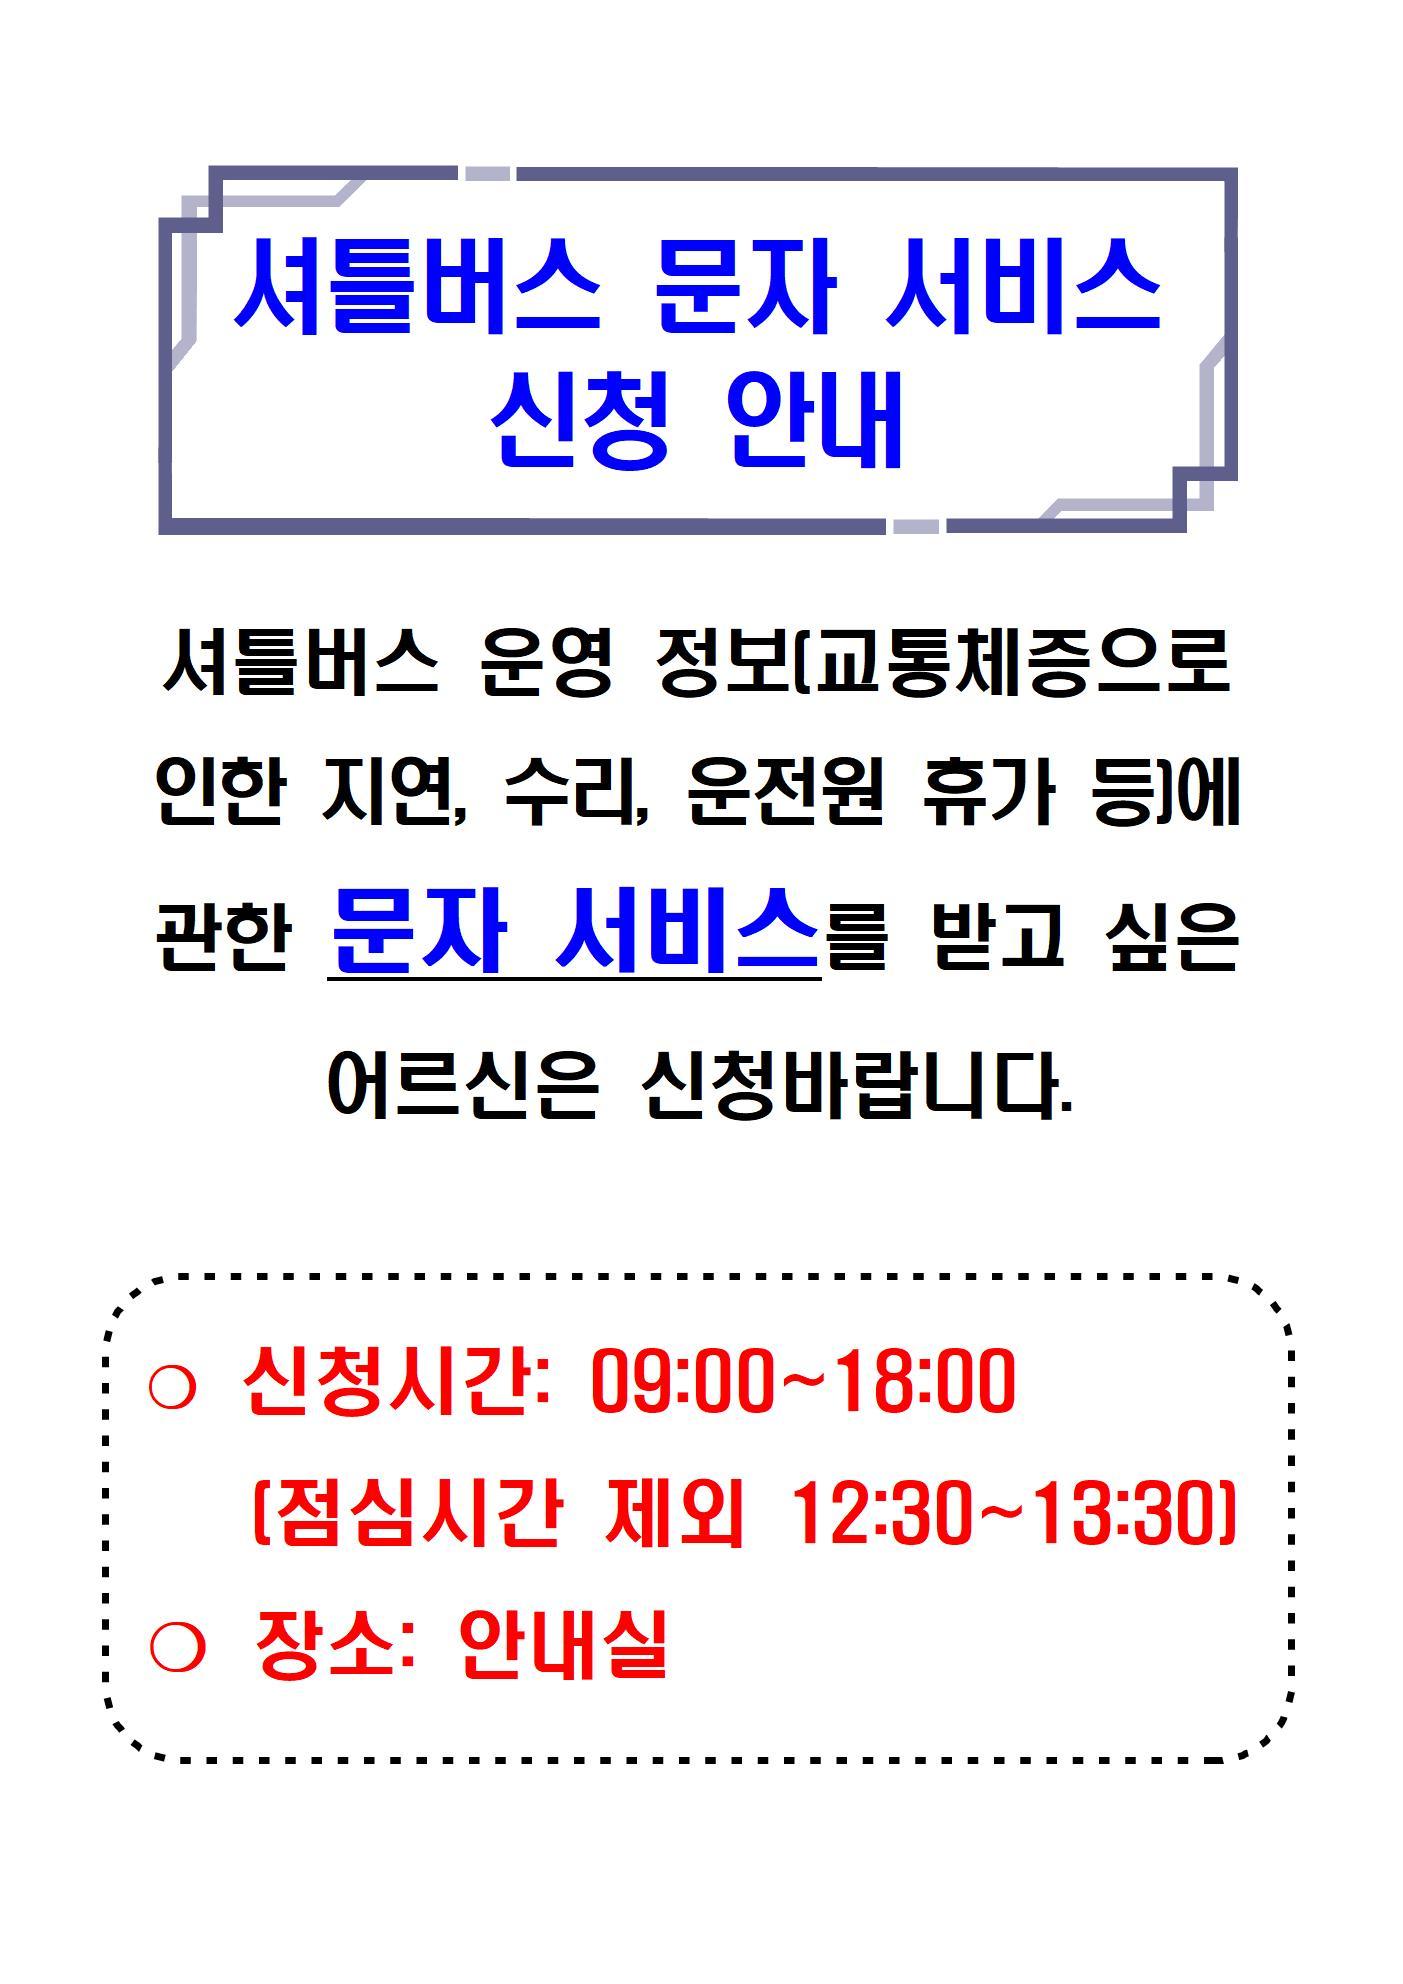 2.셔틀버스 문자 서비스 신청 안내001.jpg